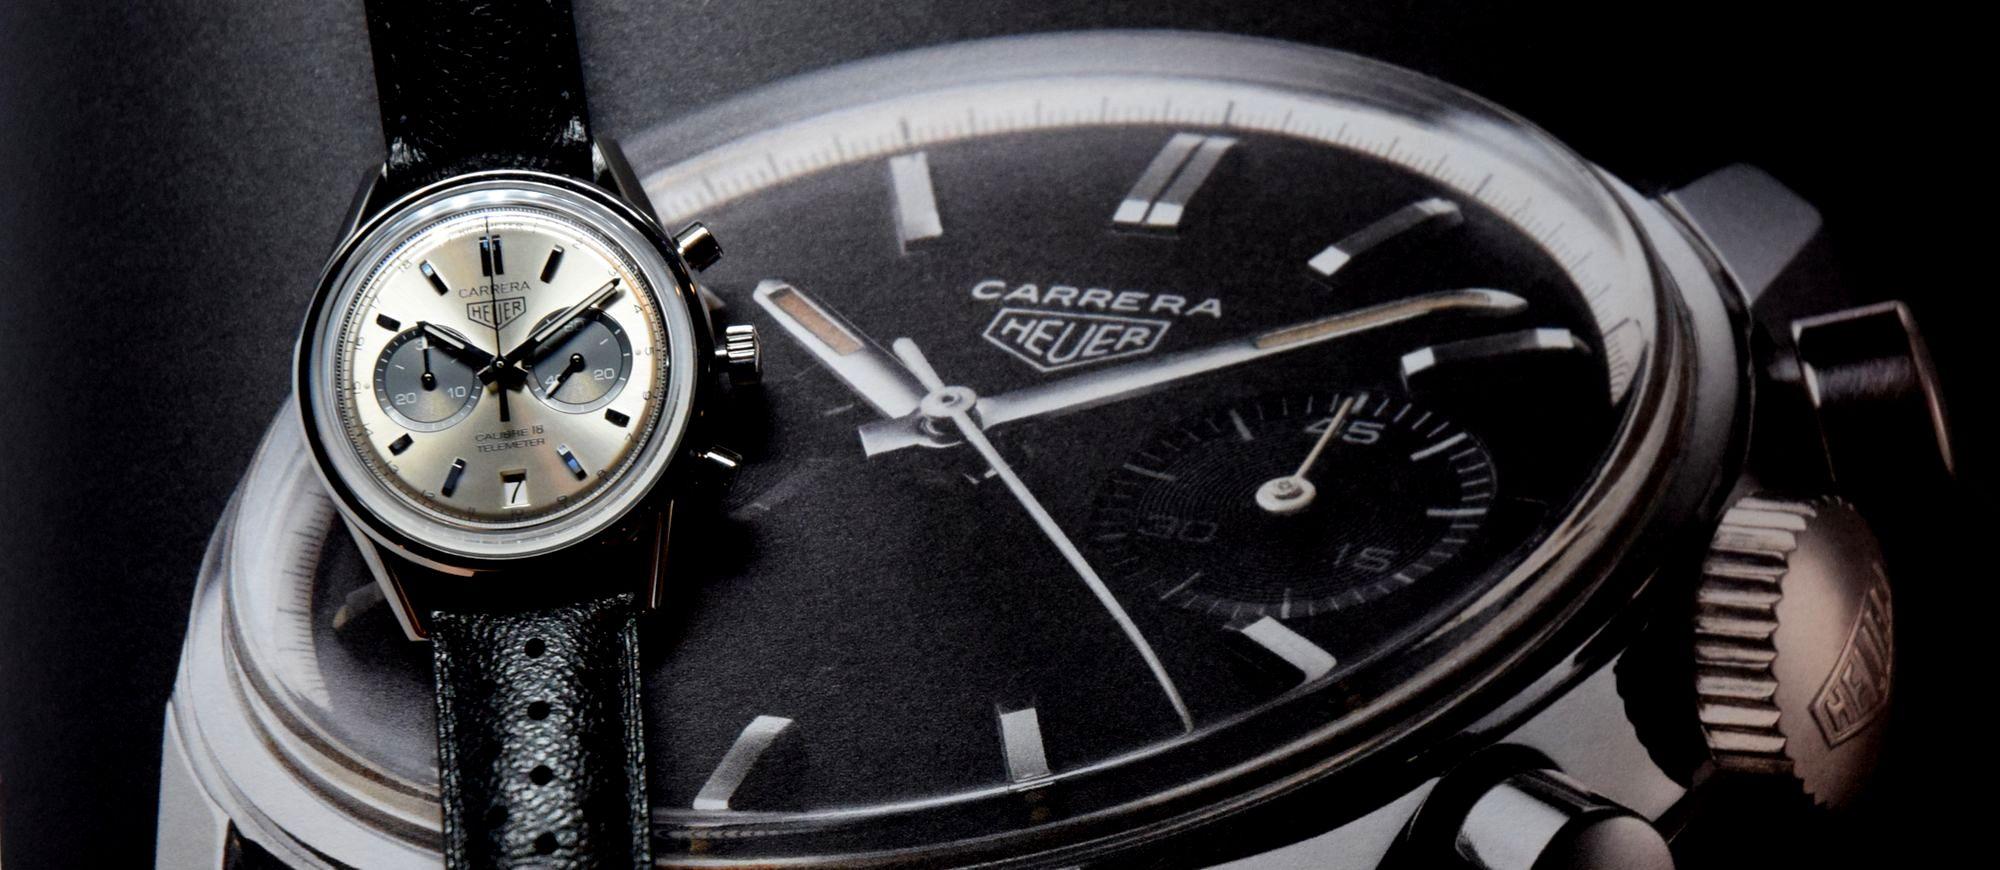 【每週一錶】TAG Heuer Carrera Calibre 18:還是老錶有味道